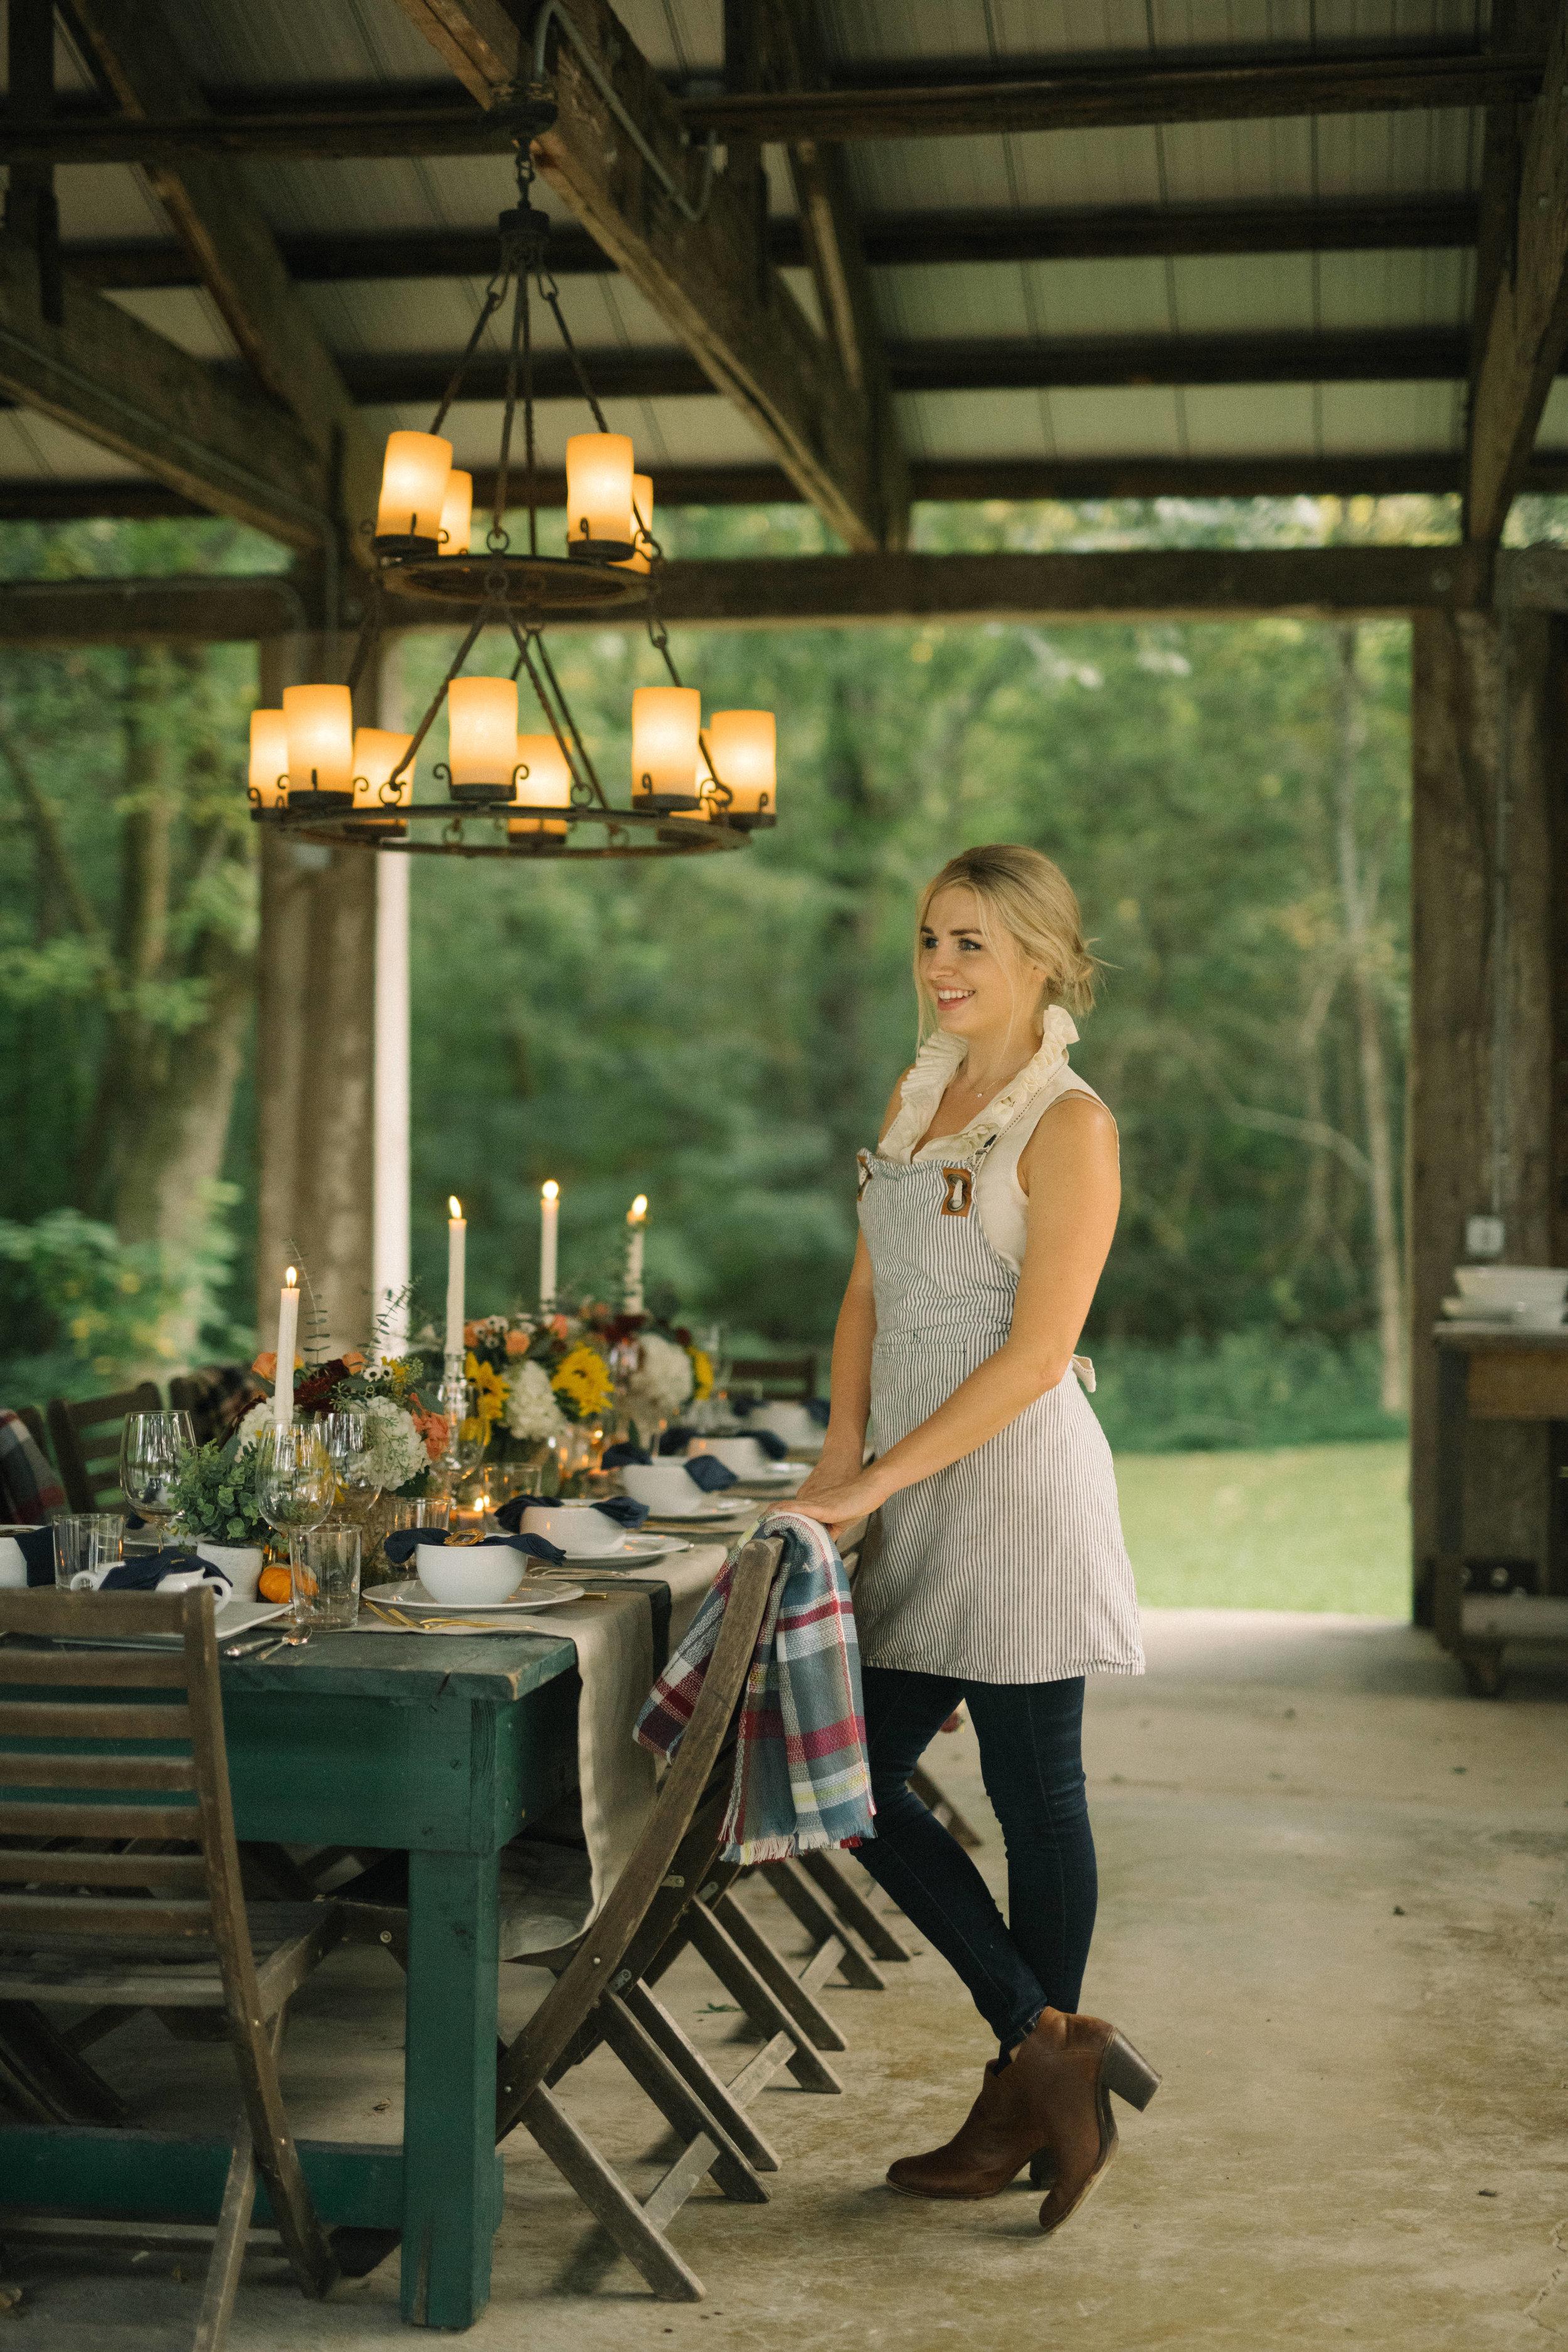 Dinner Party Nashville Bailey Rae - 8